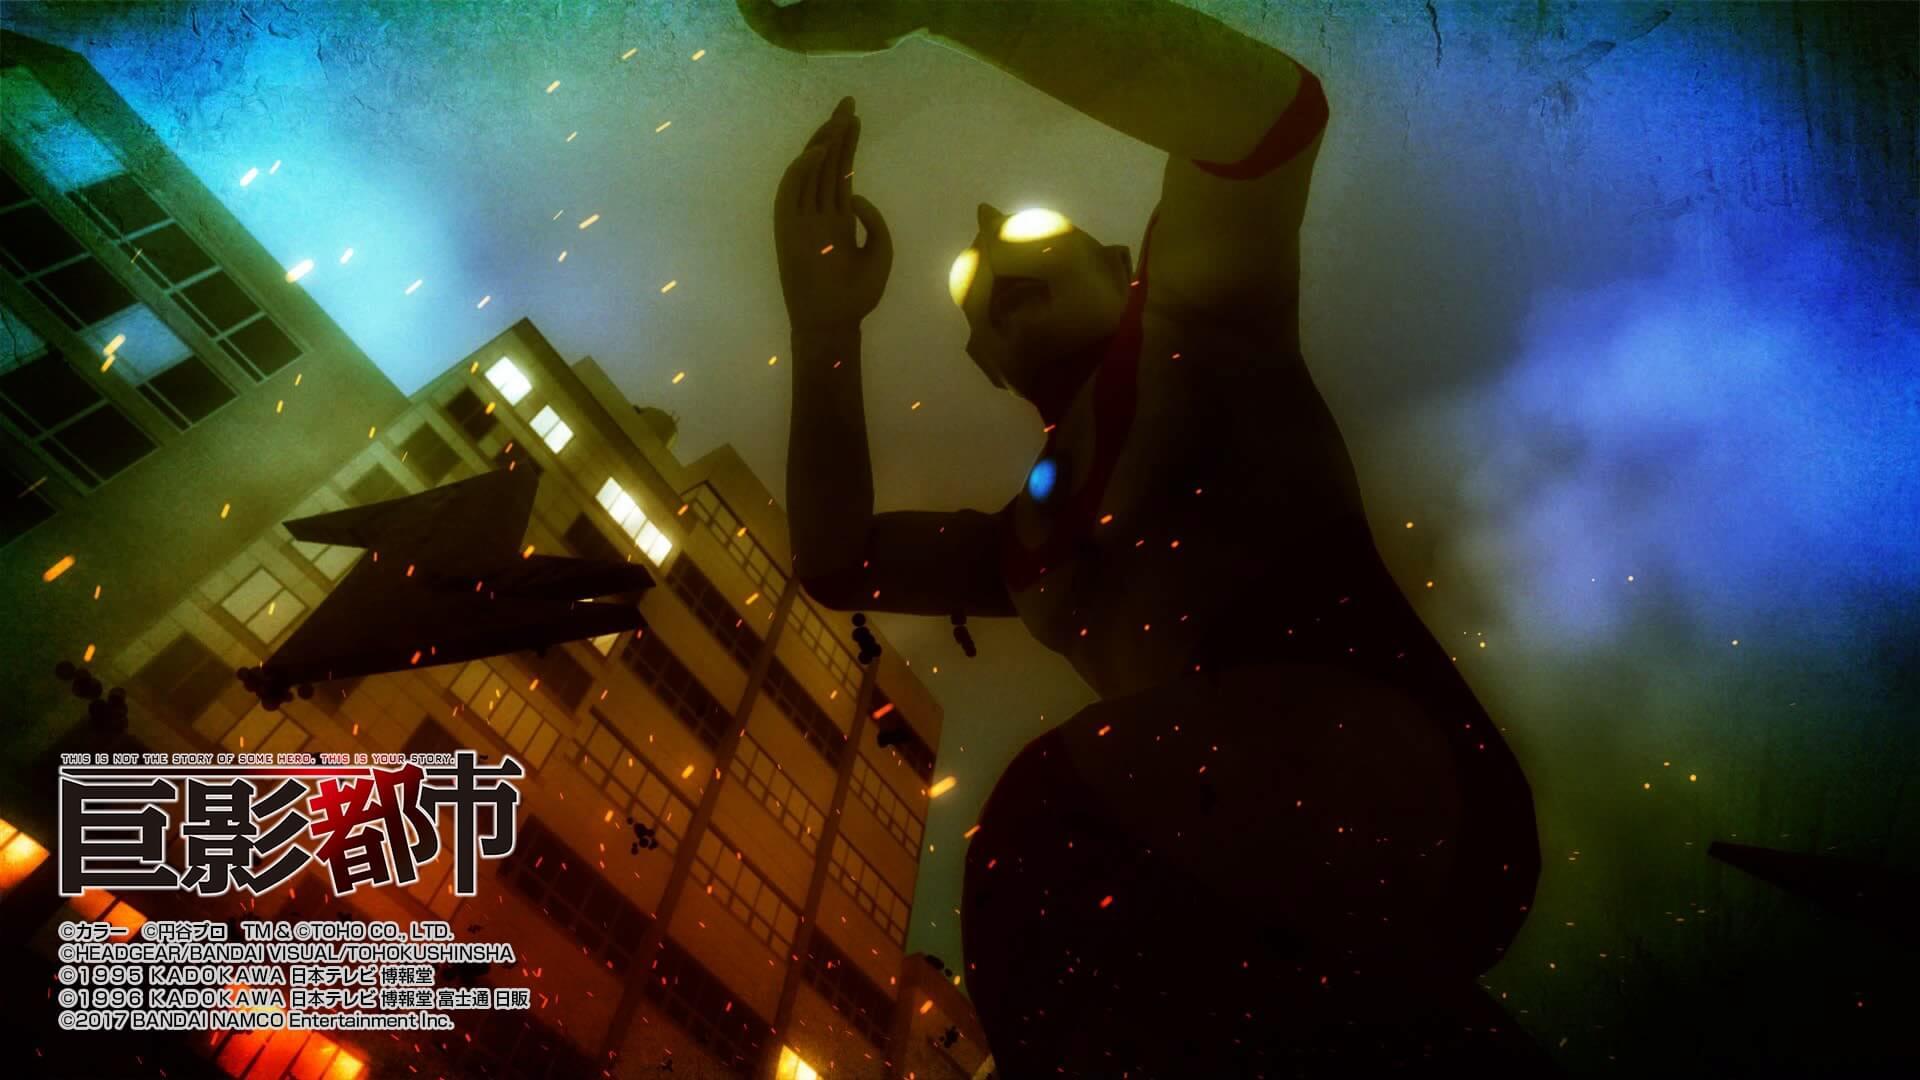 巨影都市の主題歌「Shadow」は何回聴いても鳥肌が立つ!飯田舞さん最高!